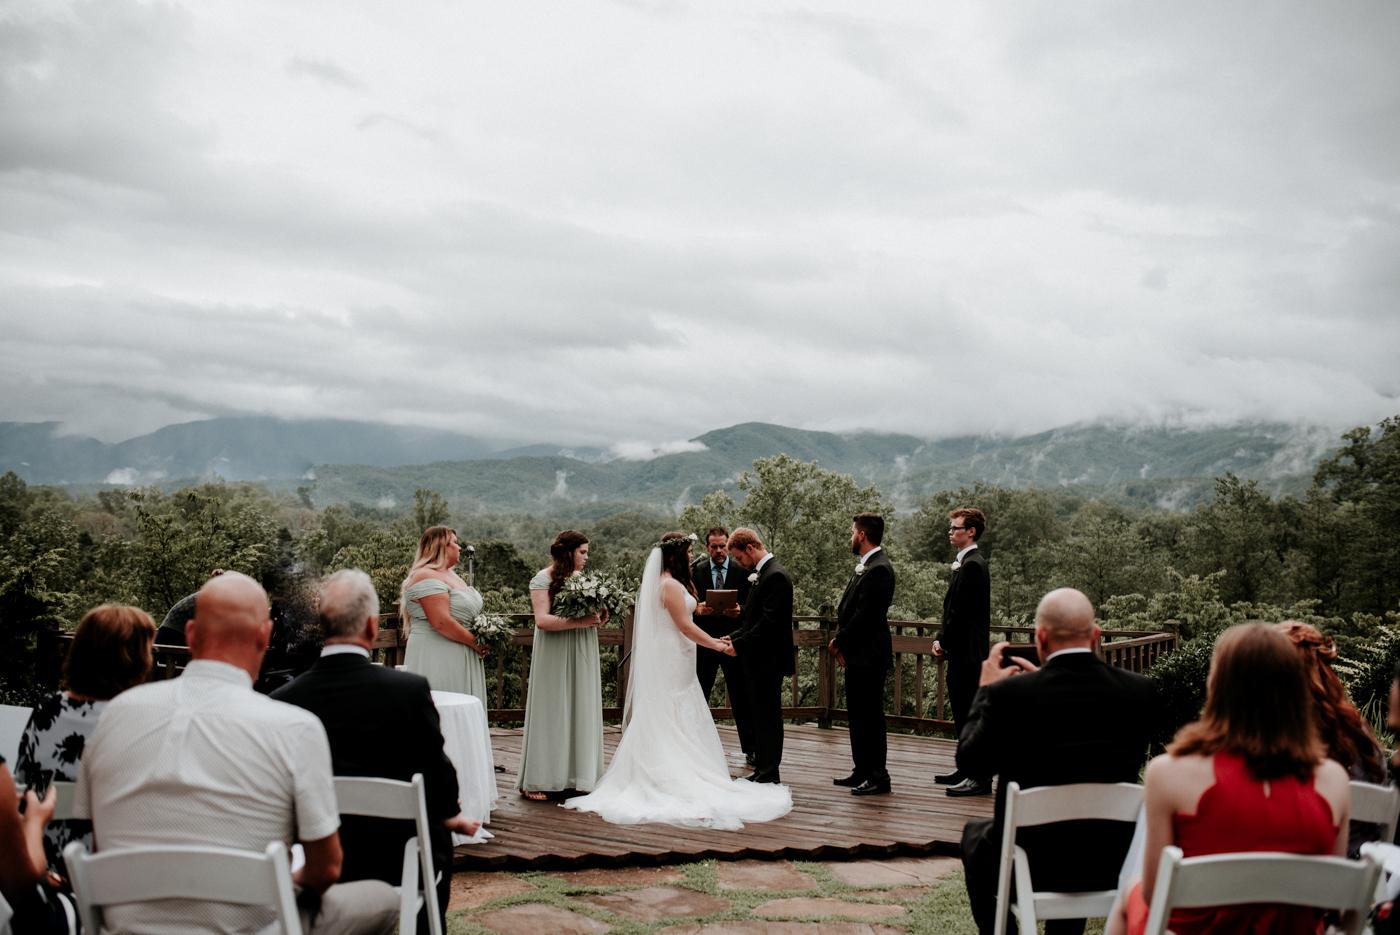 Zach&Rosalie Marion St. Louis WeddingPhotographer Paducah Kentucky Wedding Photographer-2022.jpg